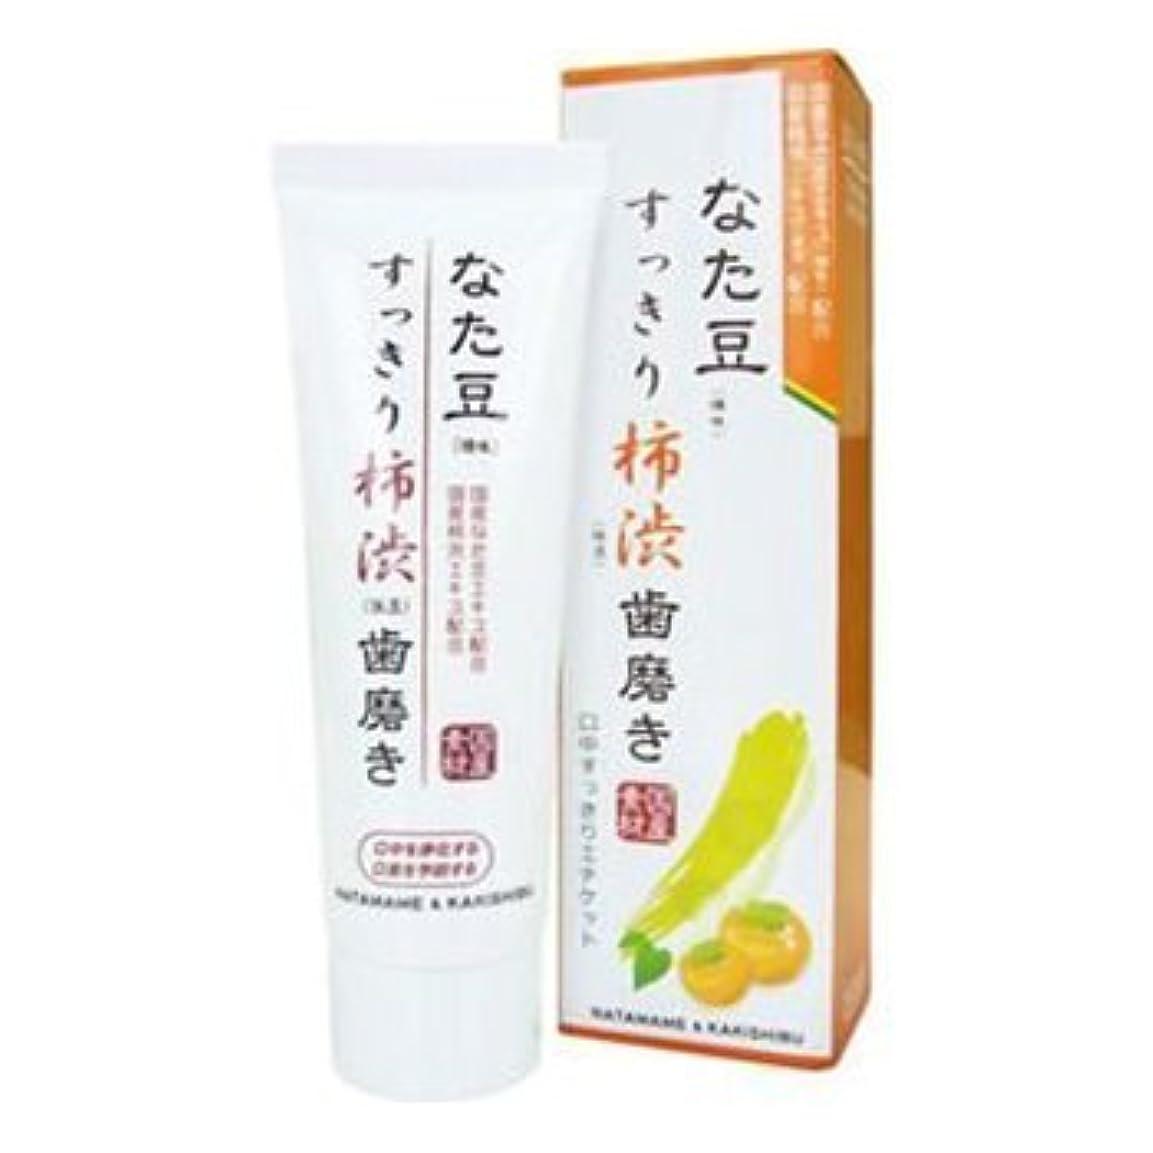 ラジウム口ひげ規範なた豆 すっきり柿渋歯磨き粉 120g